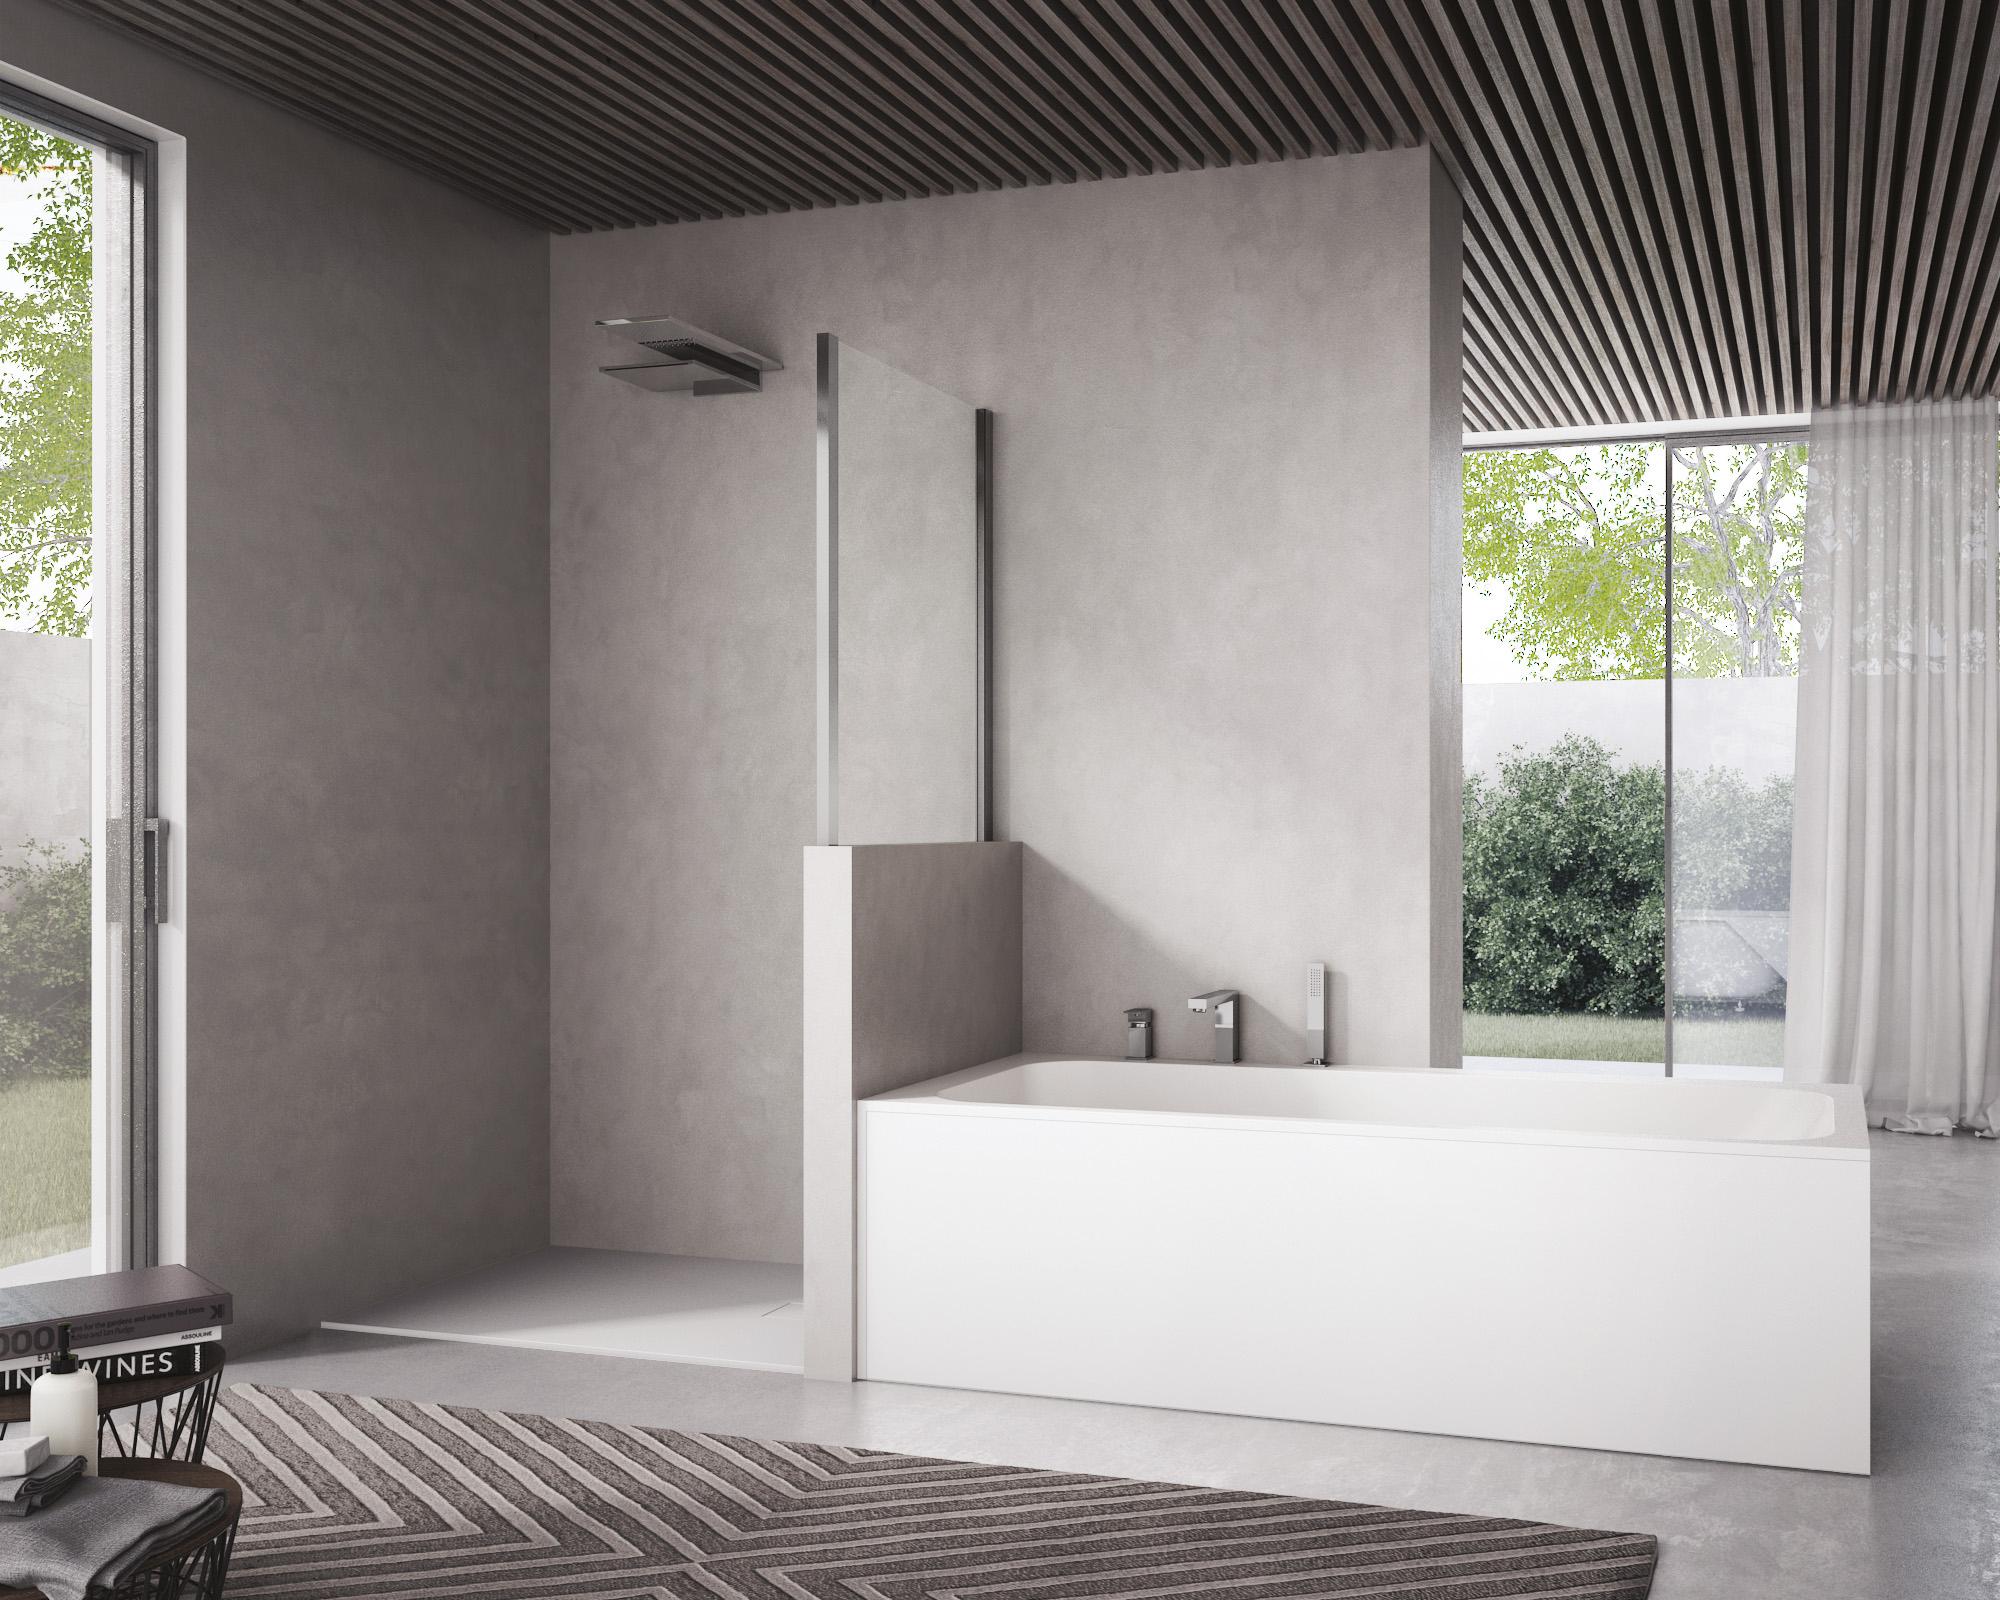 Come scegliere tra vasca da bagno e box doccia ideagroup blog - Vasca bagno con doccia ...